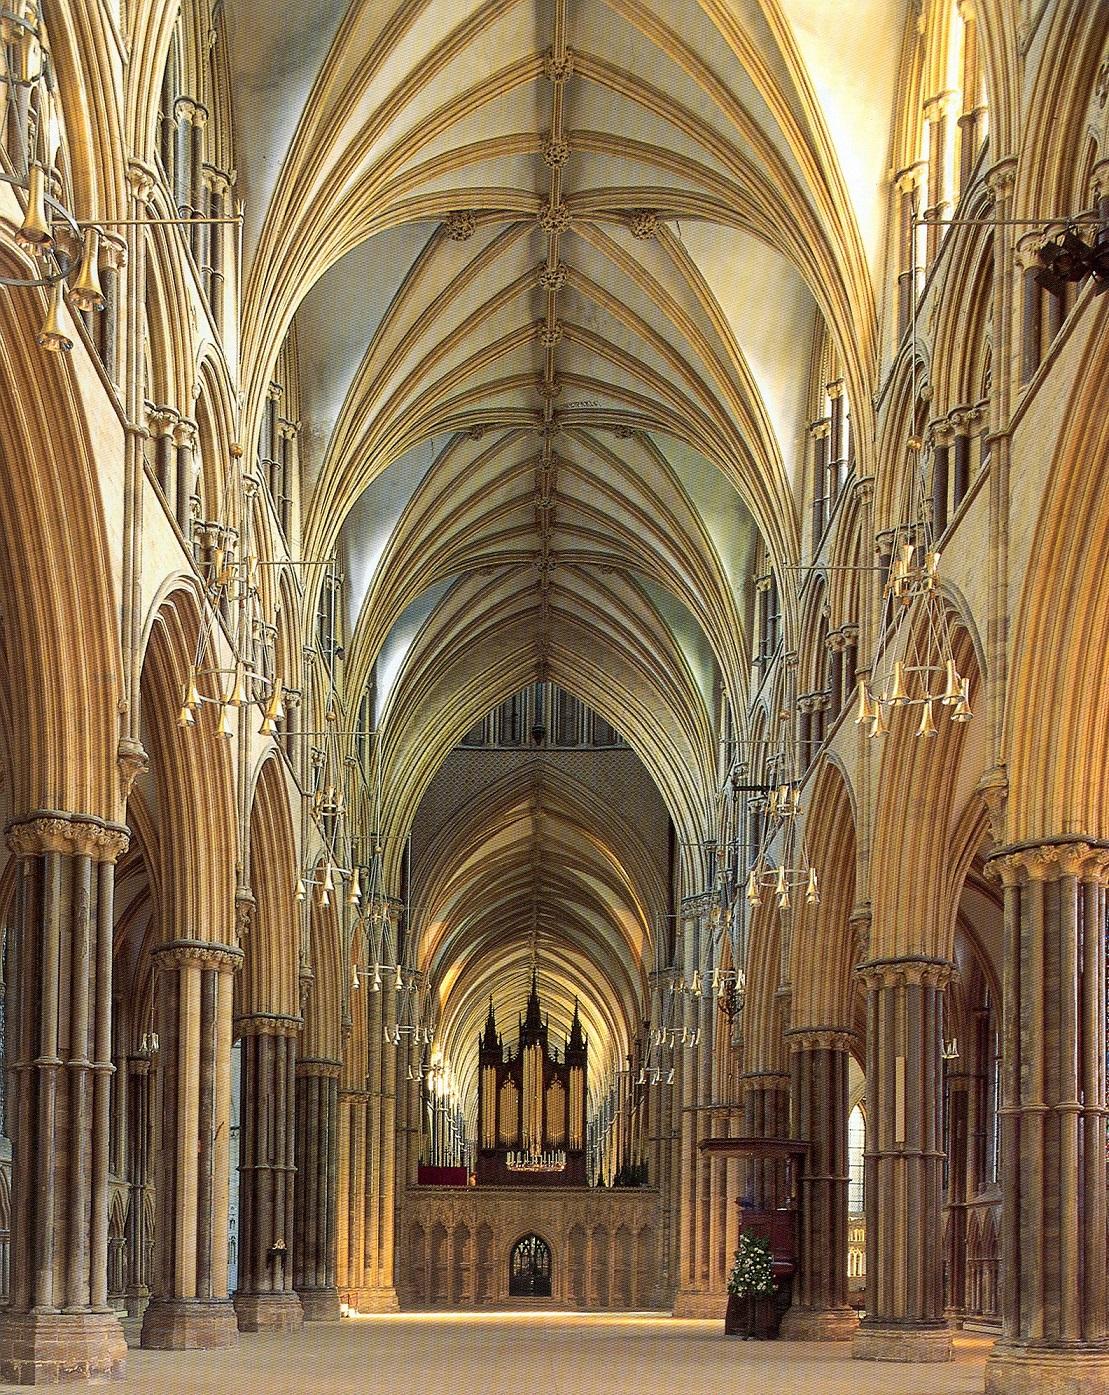 4. Bóvedas catedral Lincoln